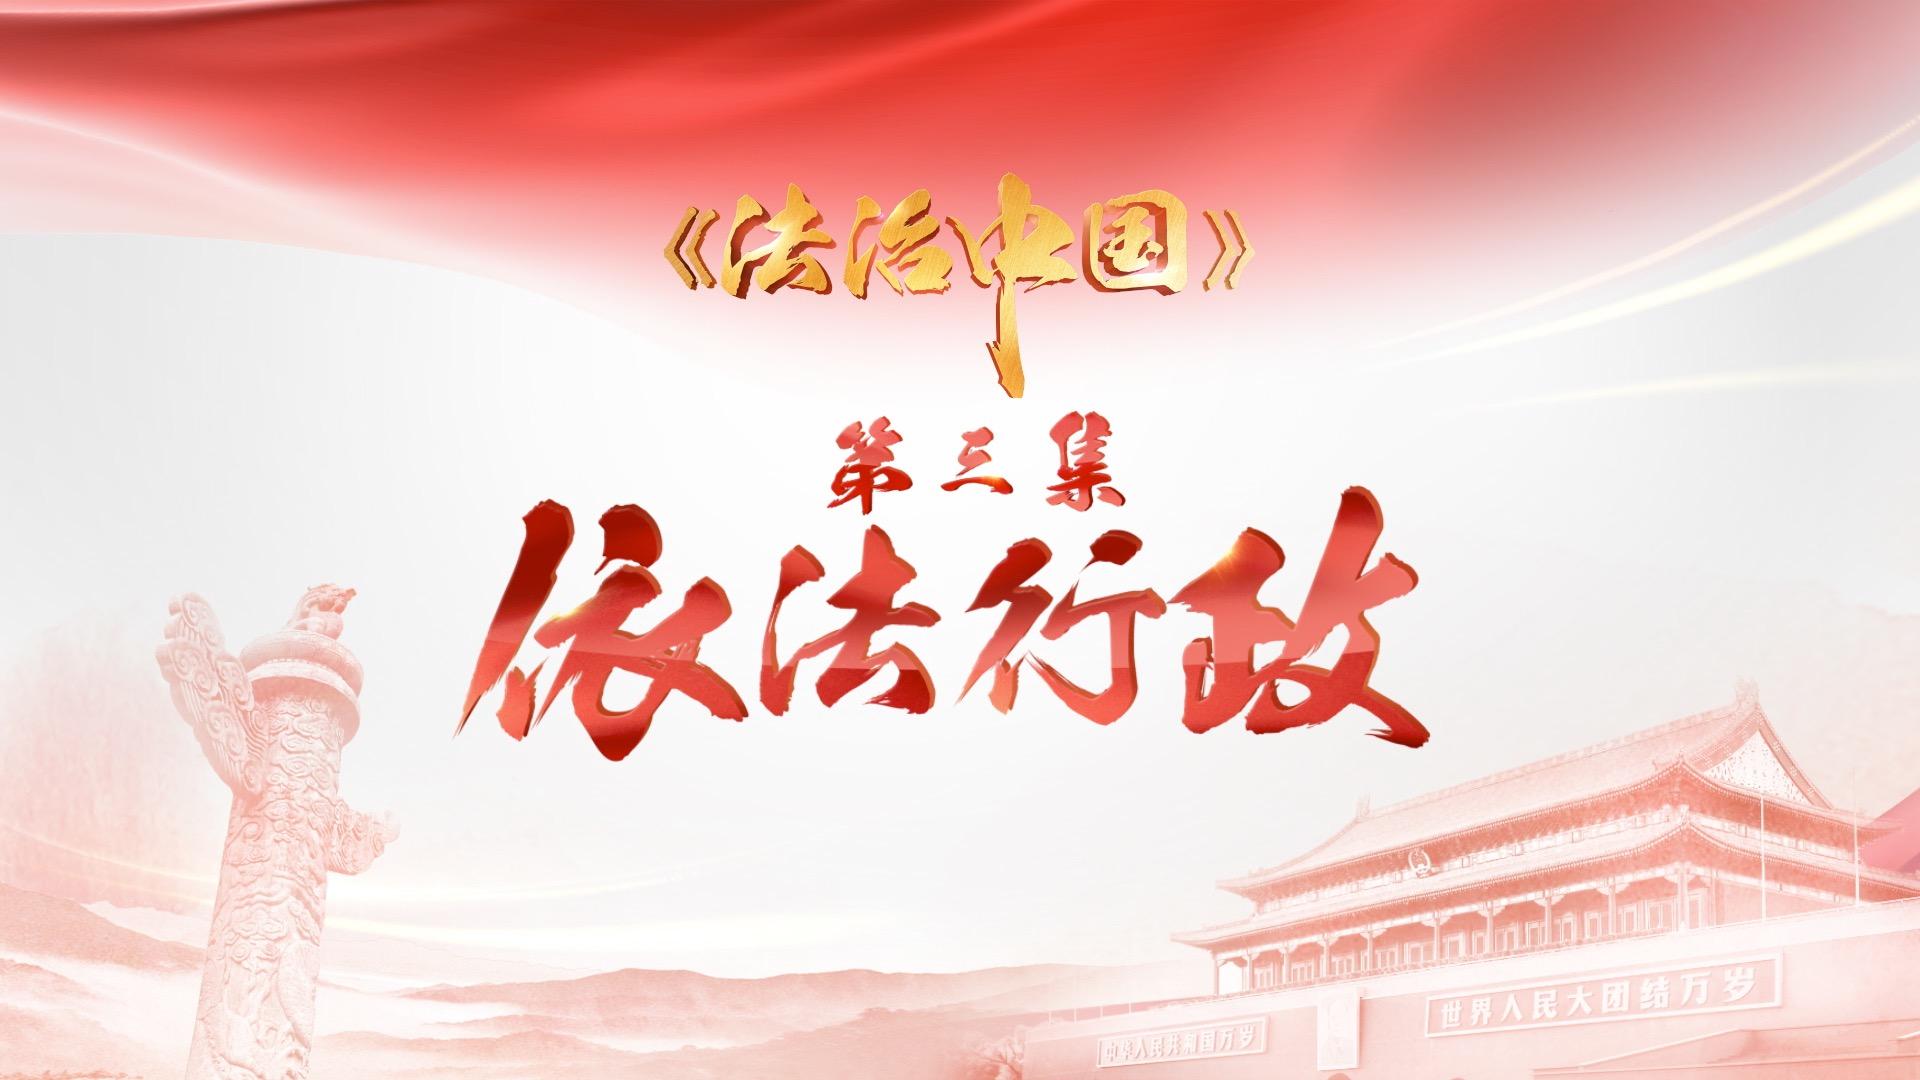 4分钟速览《法治中国》第三集《依法行政》